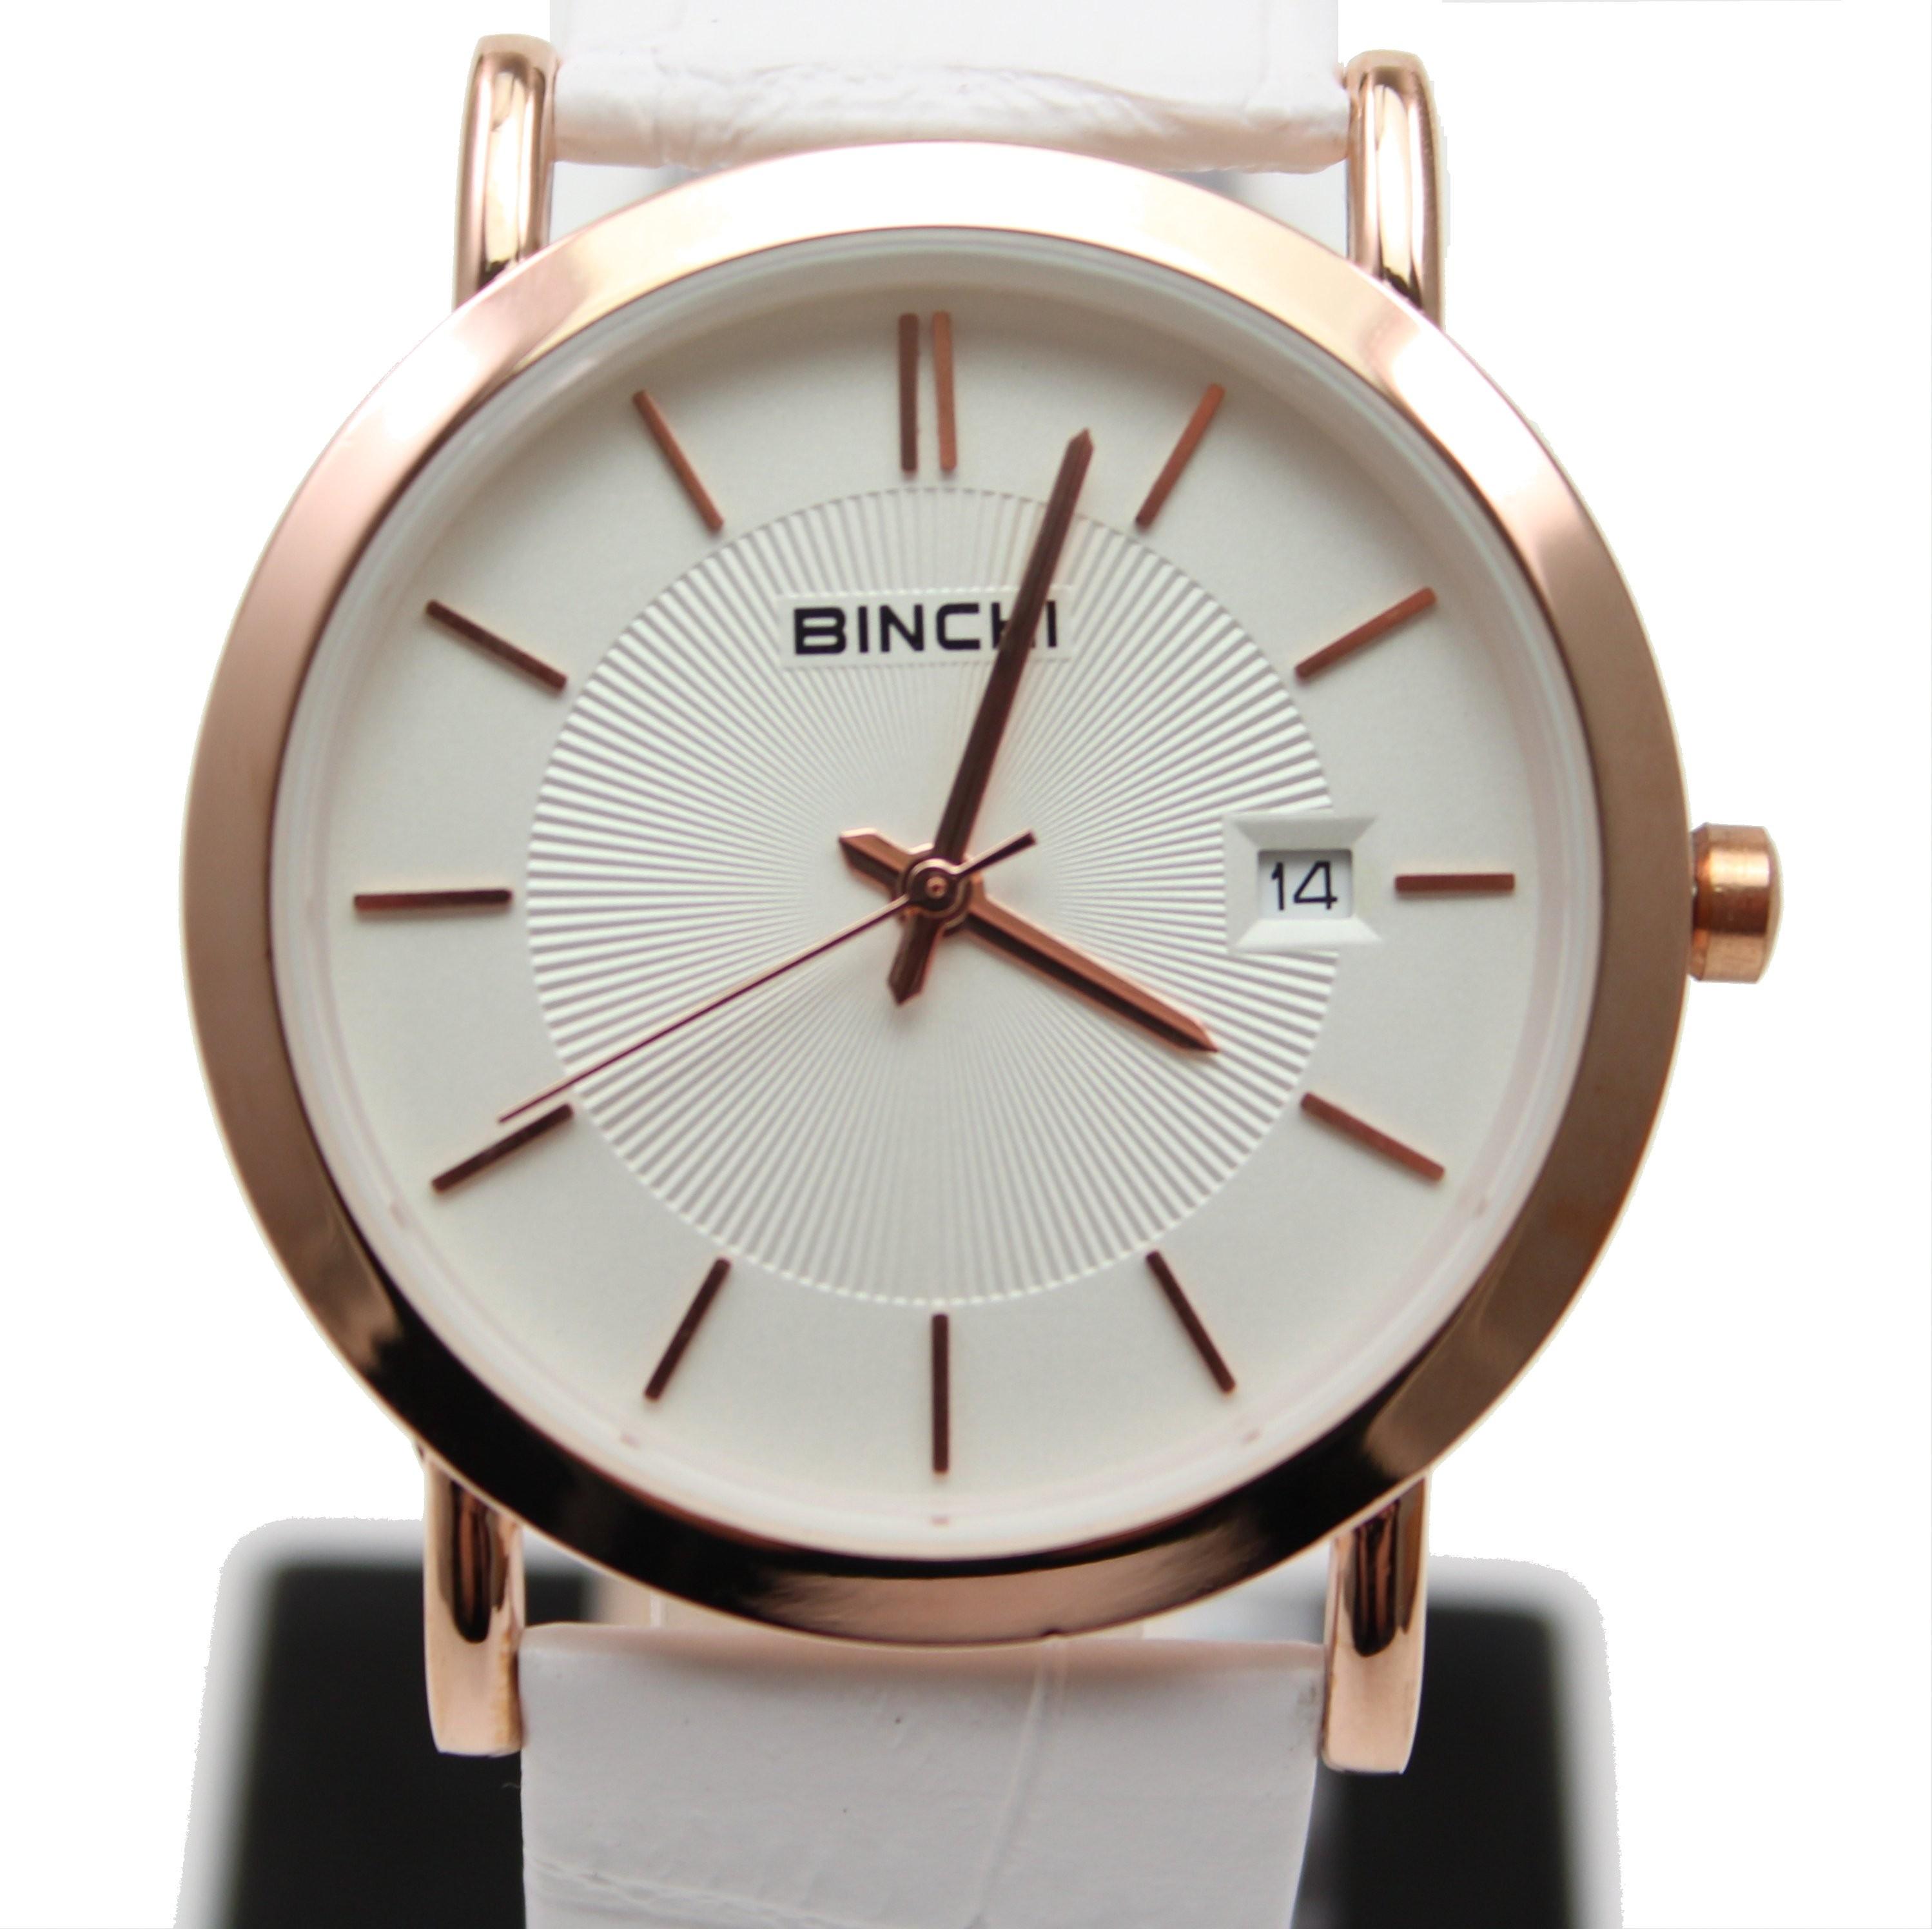 Binchi Rose